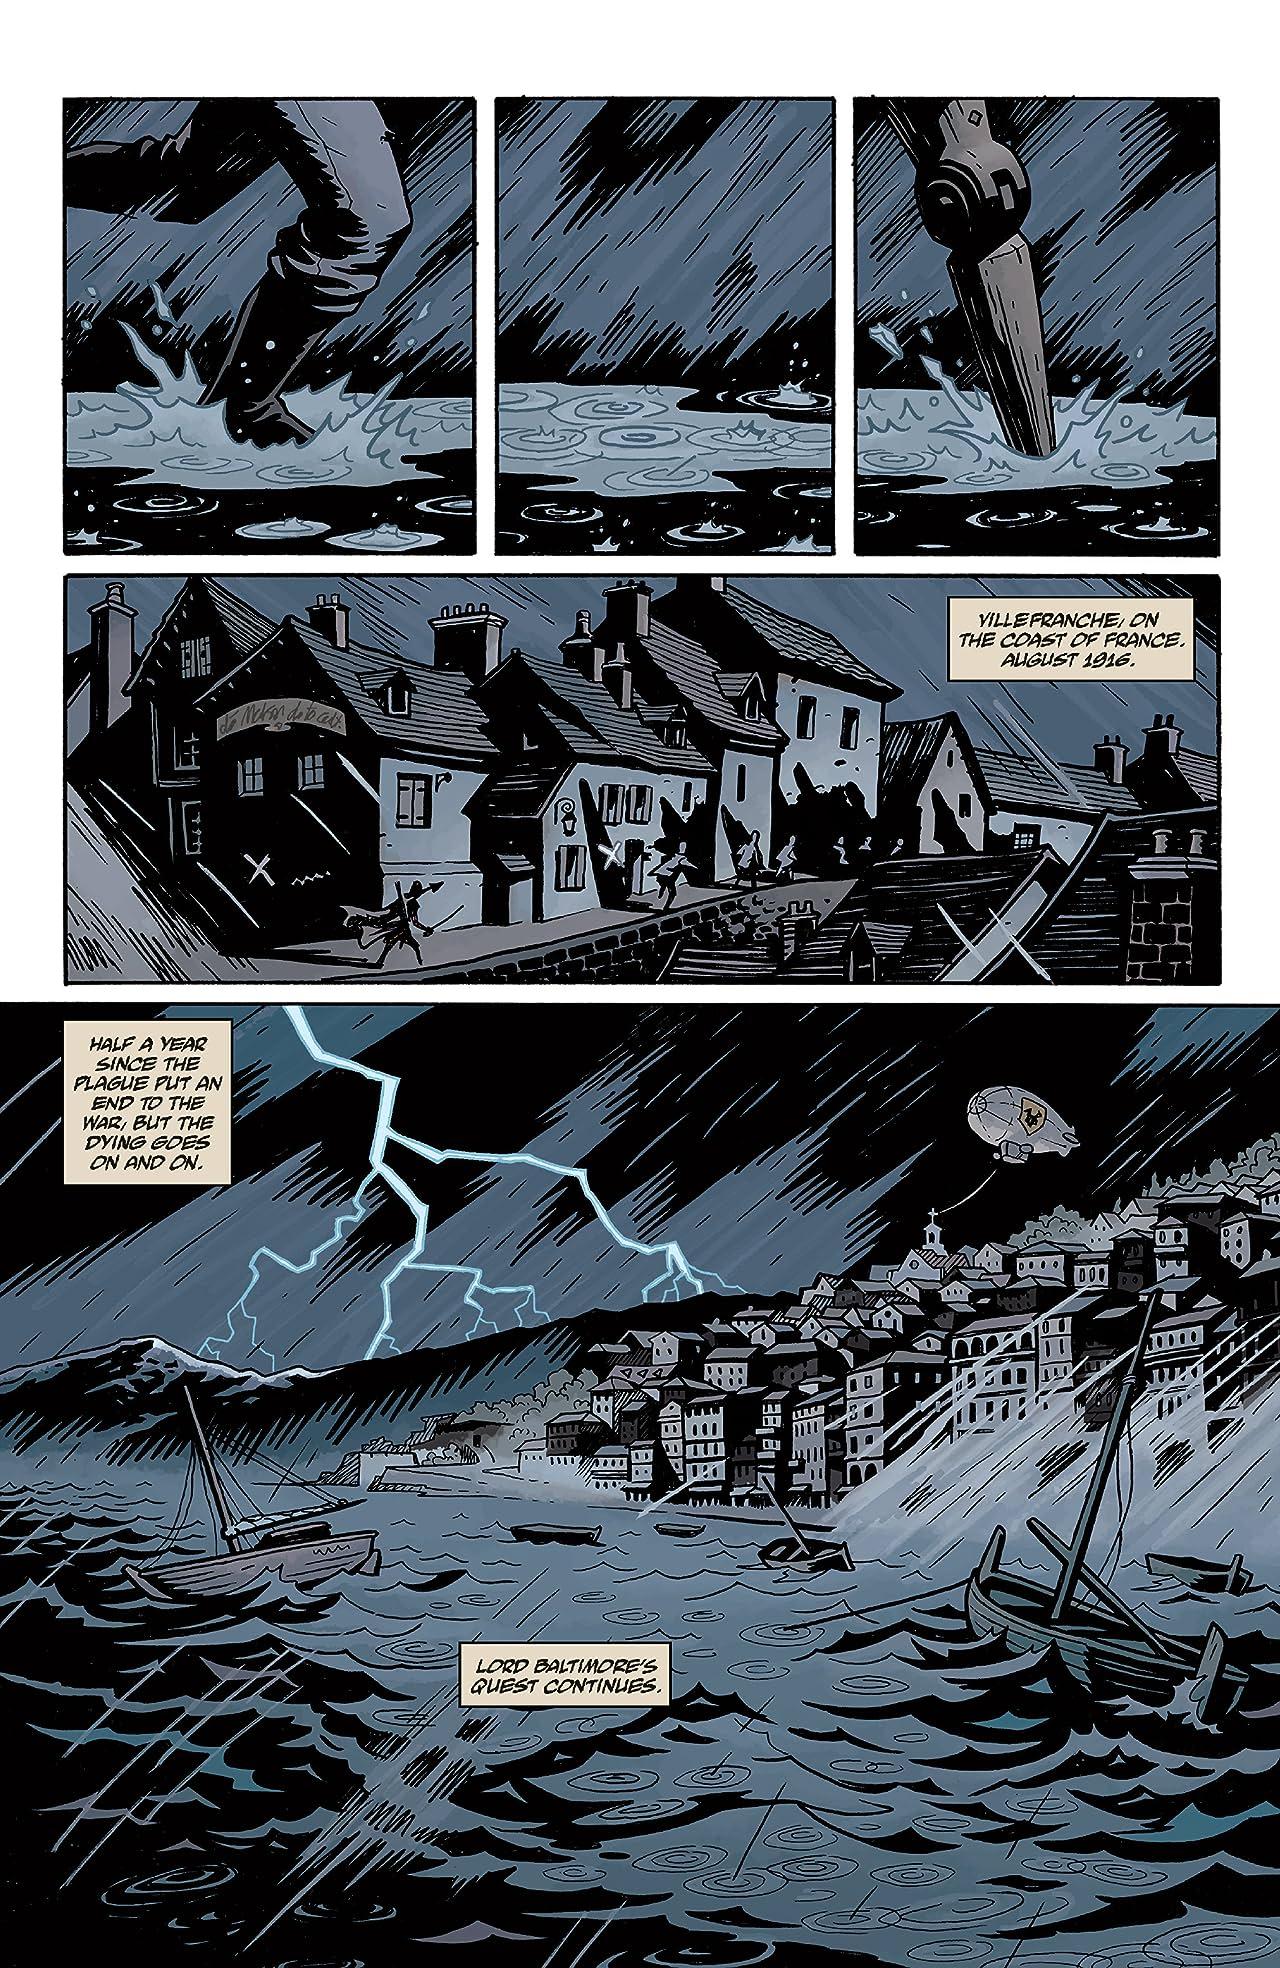 Baltimore: The Plague Ships #1